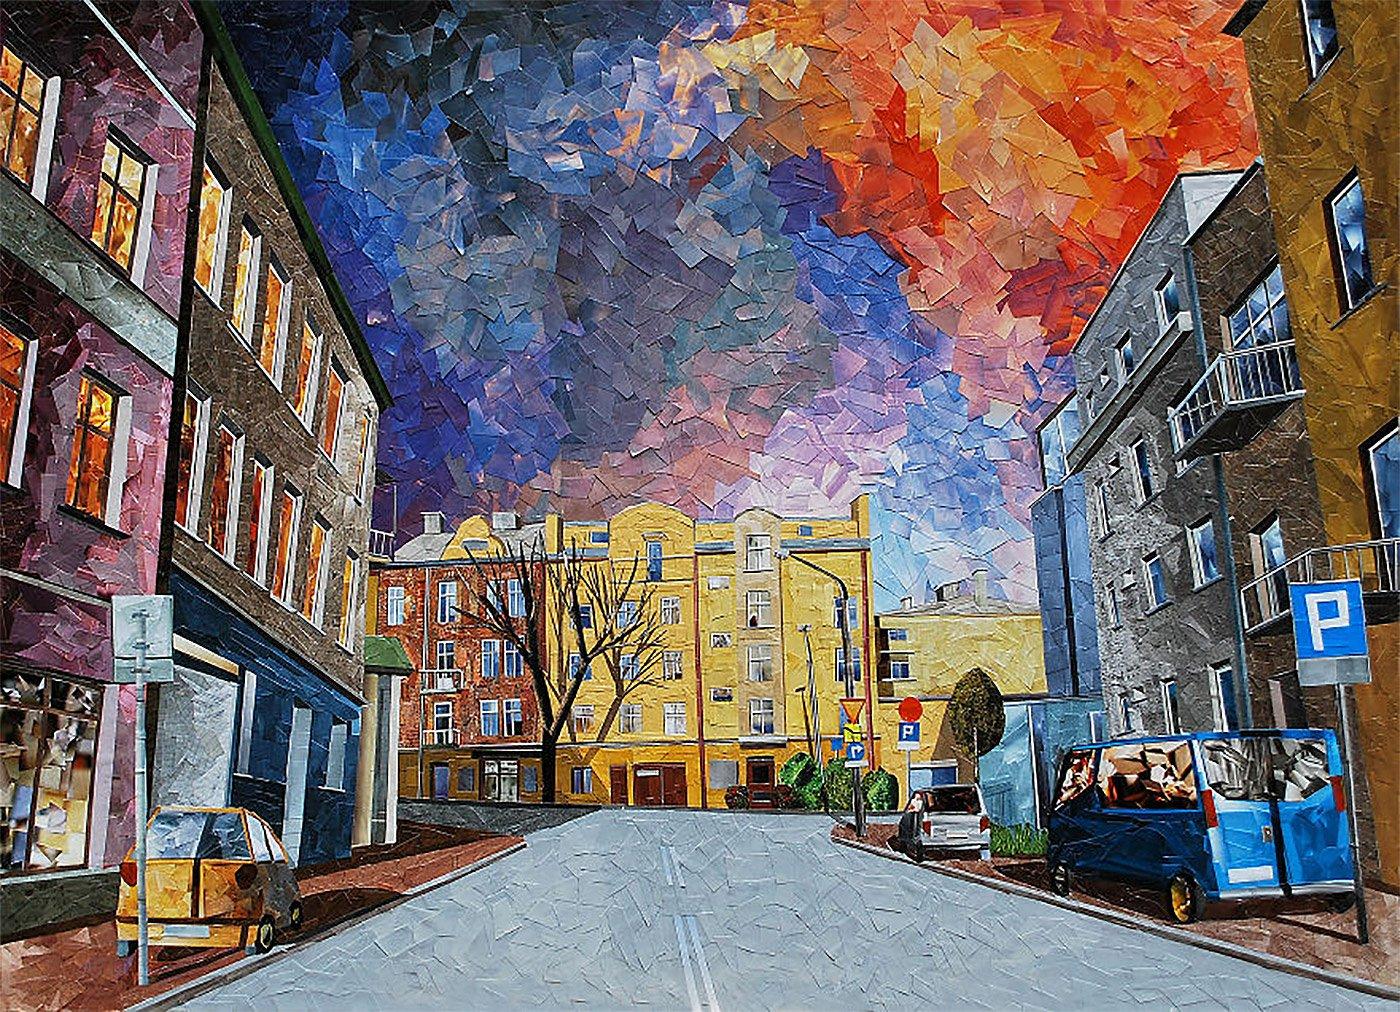 纸上的城市景观:波兰艺术家Albin Talik拼贴画艺术